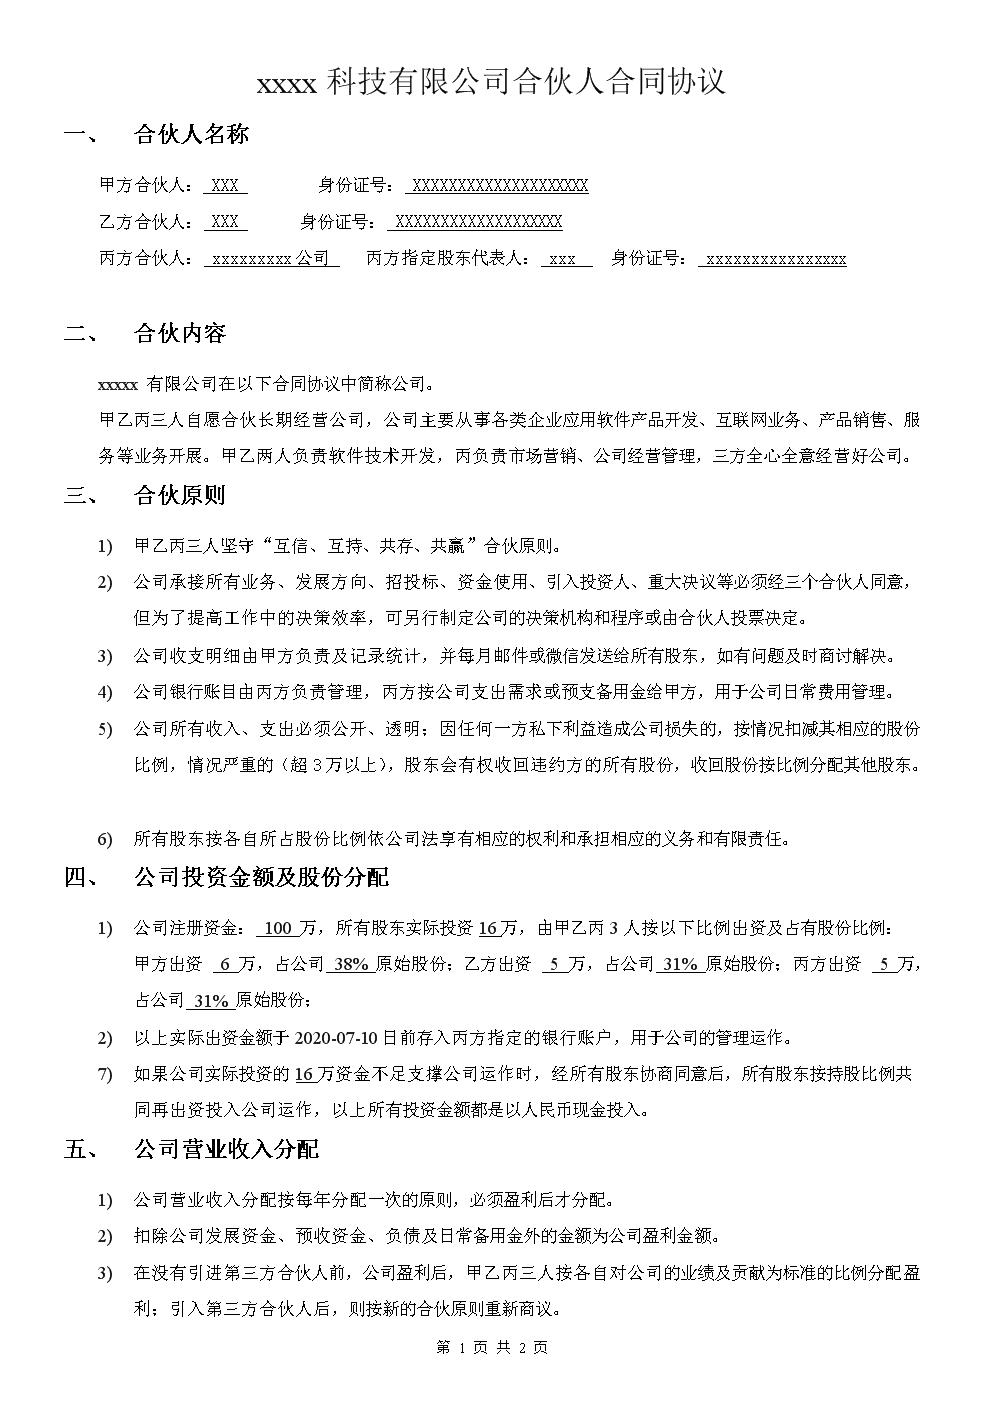 科技公司合伙人合同协议模板 .doc